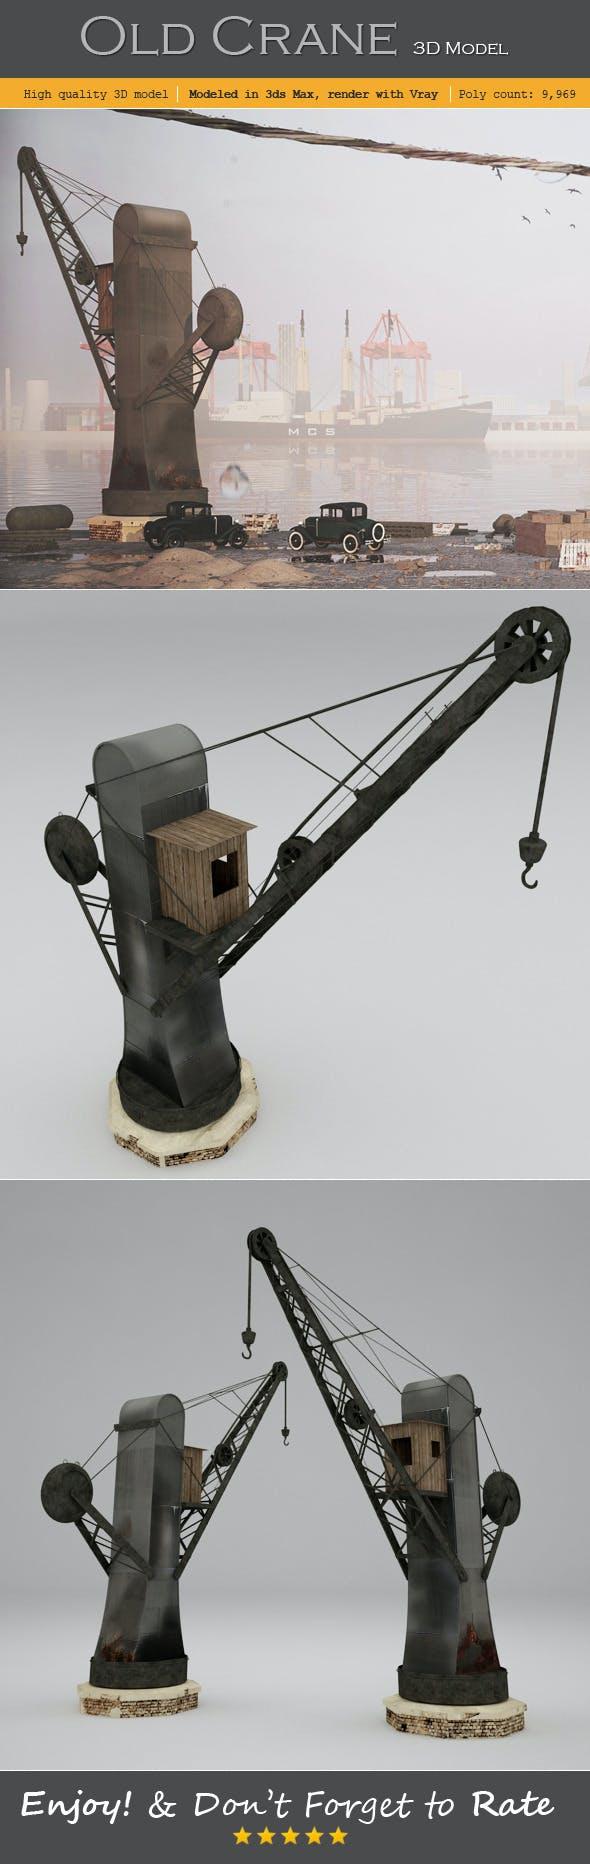 Old Crane - 3DOcean Item for Sale